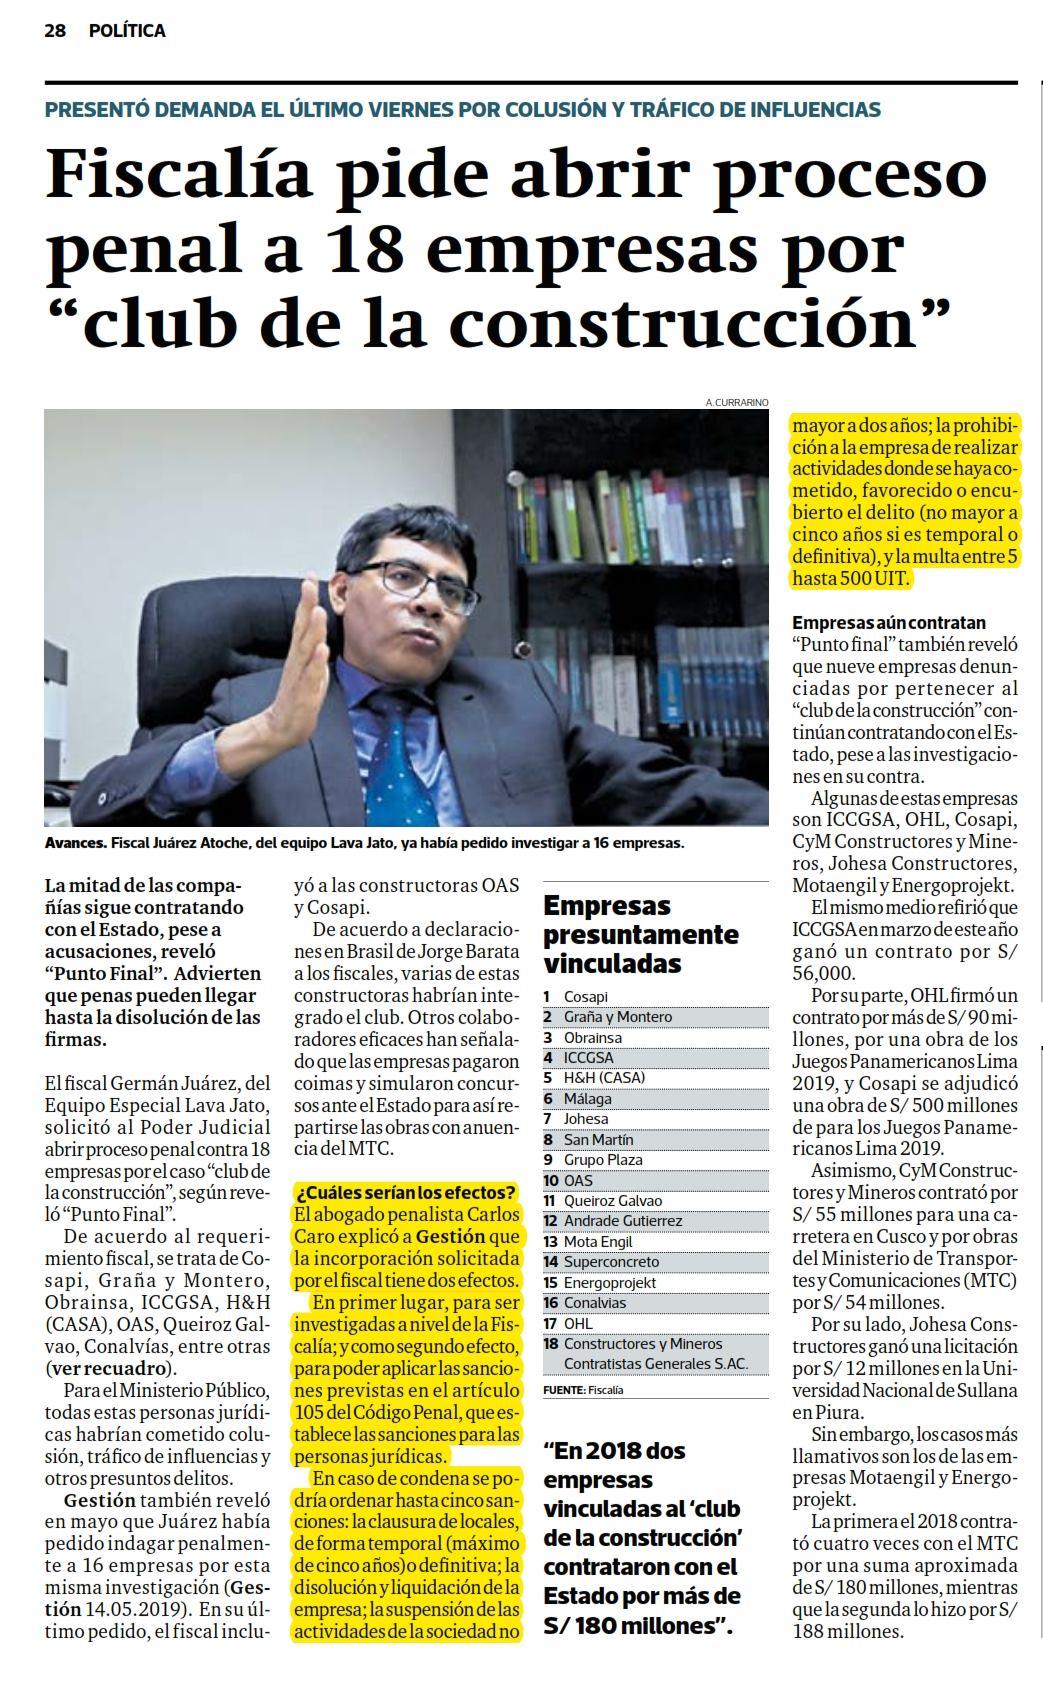 """La Investigación Por El Caso """"Club De La Construcción"""", En La Cual El Fiscal Juárez Atoche, Solicita Abrir Proceso Penal A 18 Empresas."""